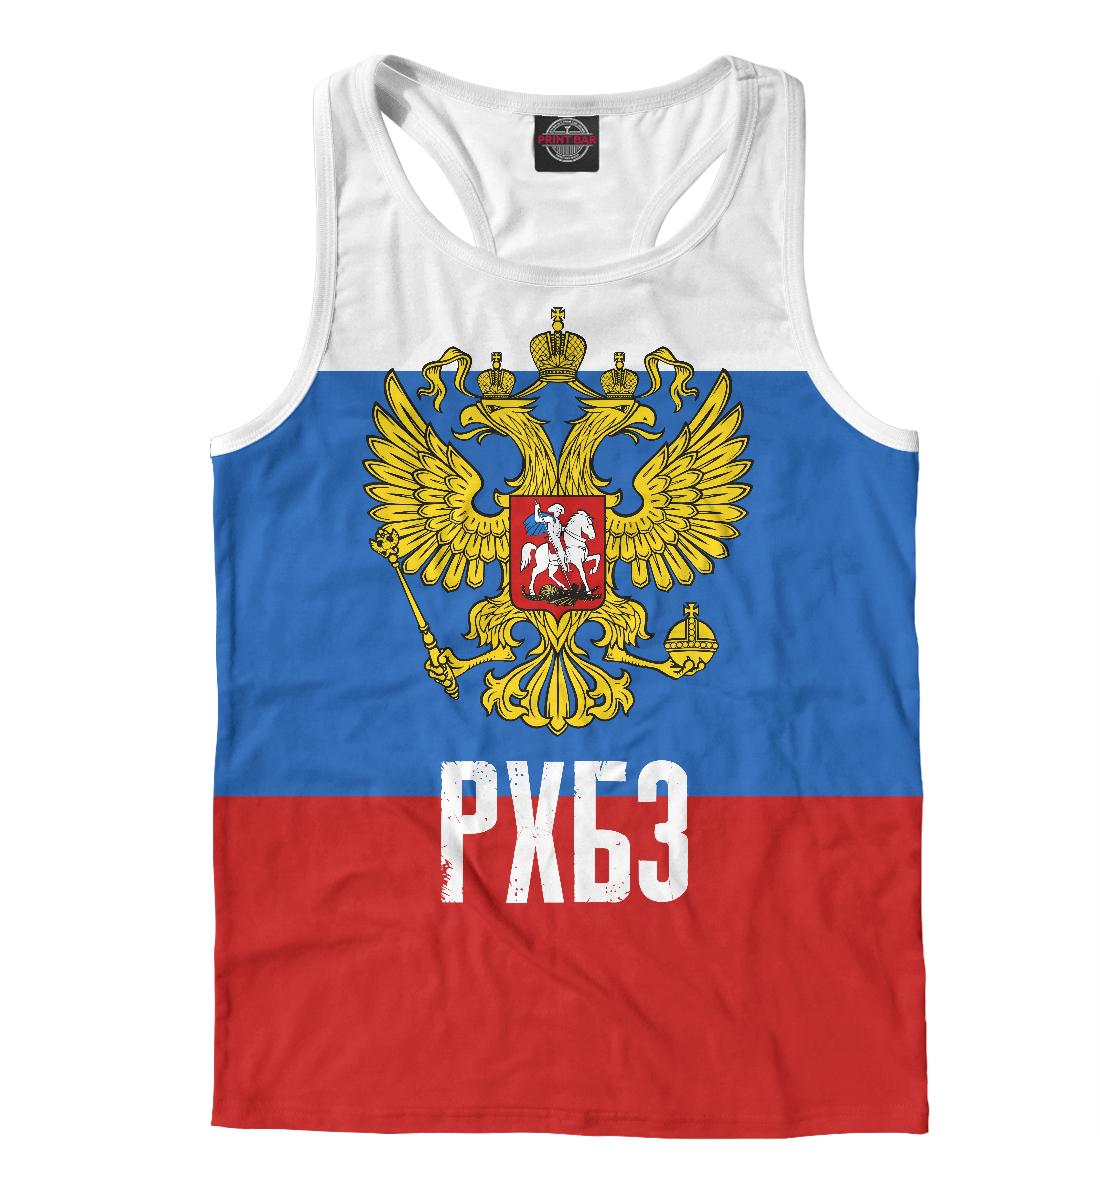 Купить РХБЗ, Printbar, Майки борцовки, RHB-671172-mayb-2